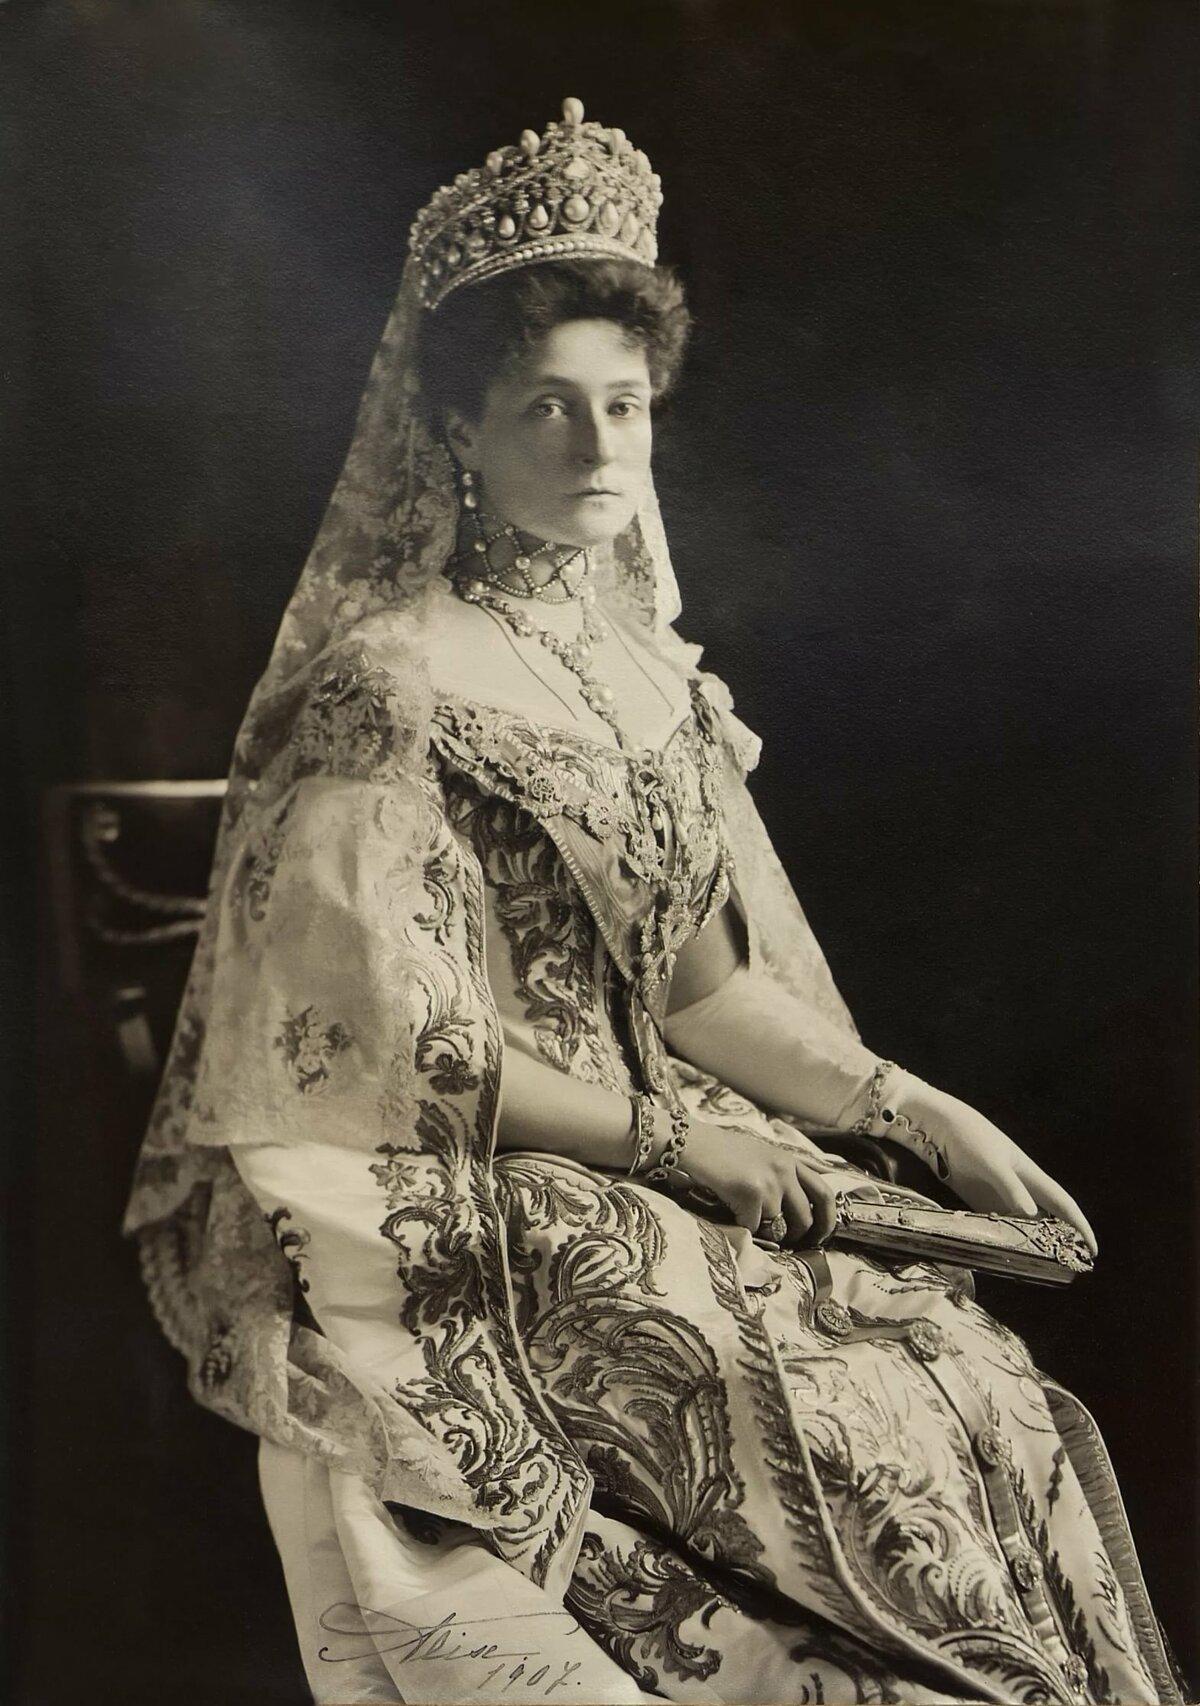 несколько фото русских императриц том, что нередко